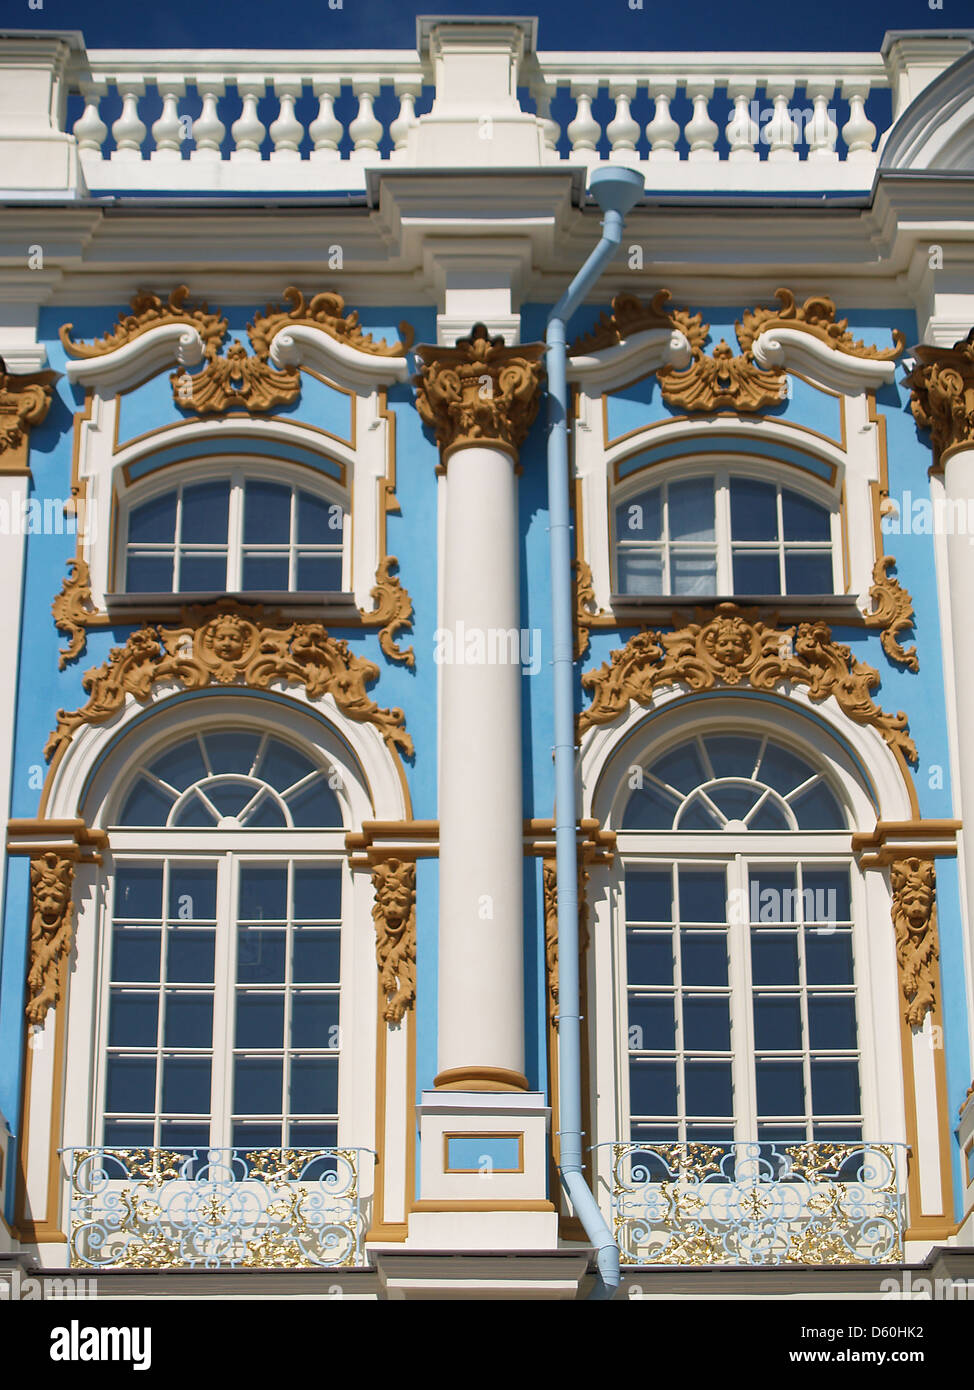 Facade of Catherine Palace, Tsarskoe Selo,Pushkin - Stock Image